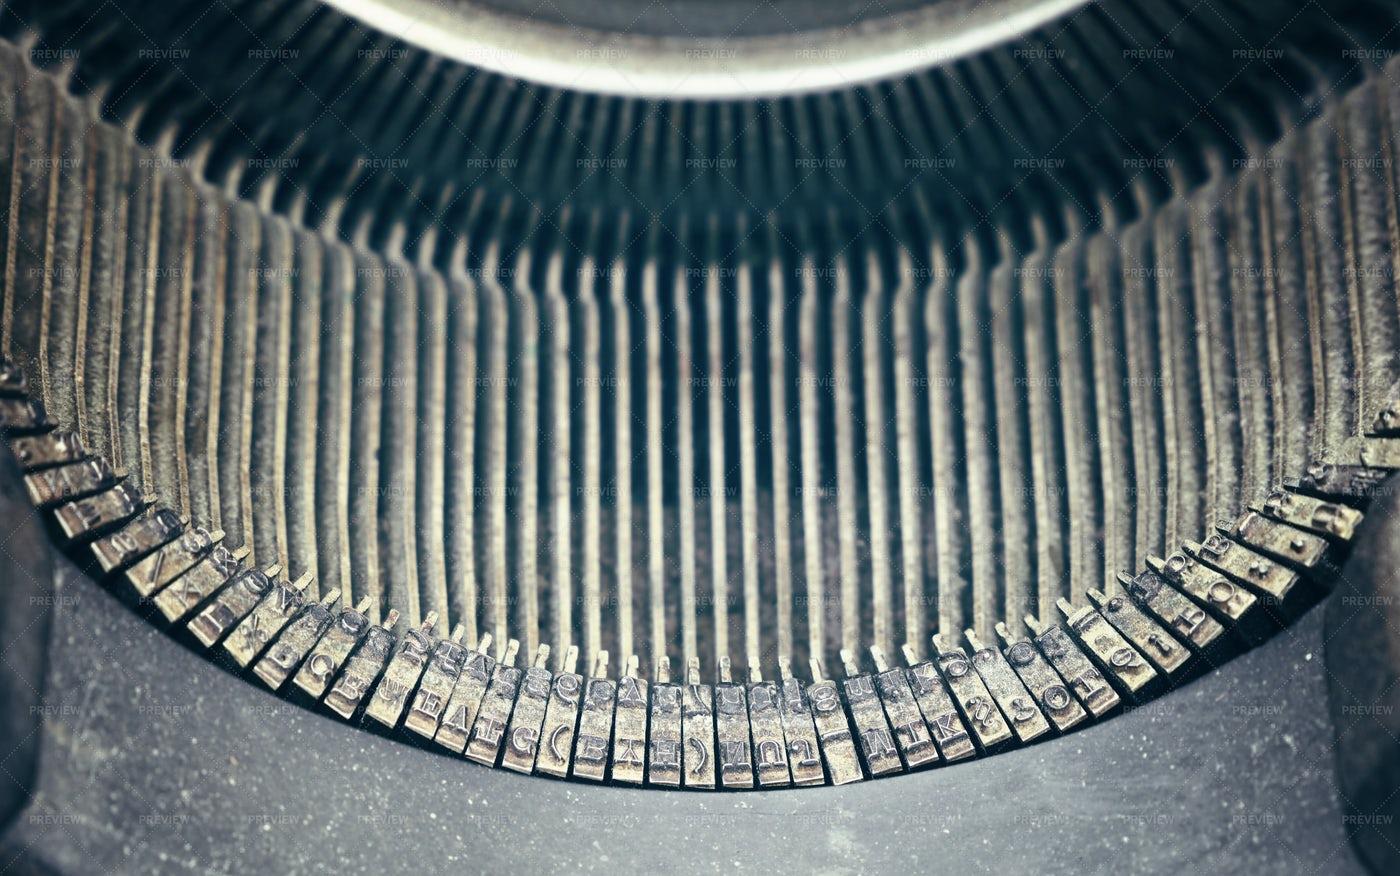 Old Antique Typewriter: Stock Photos